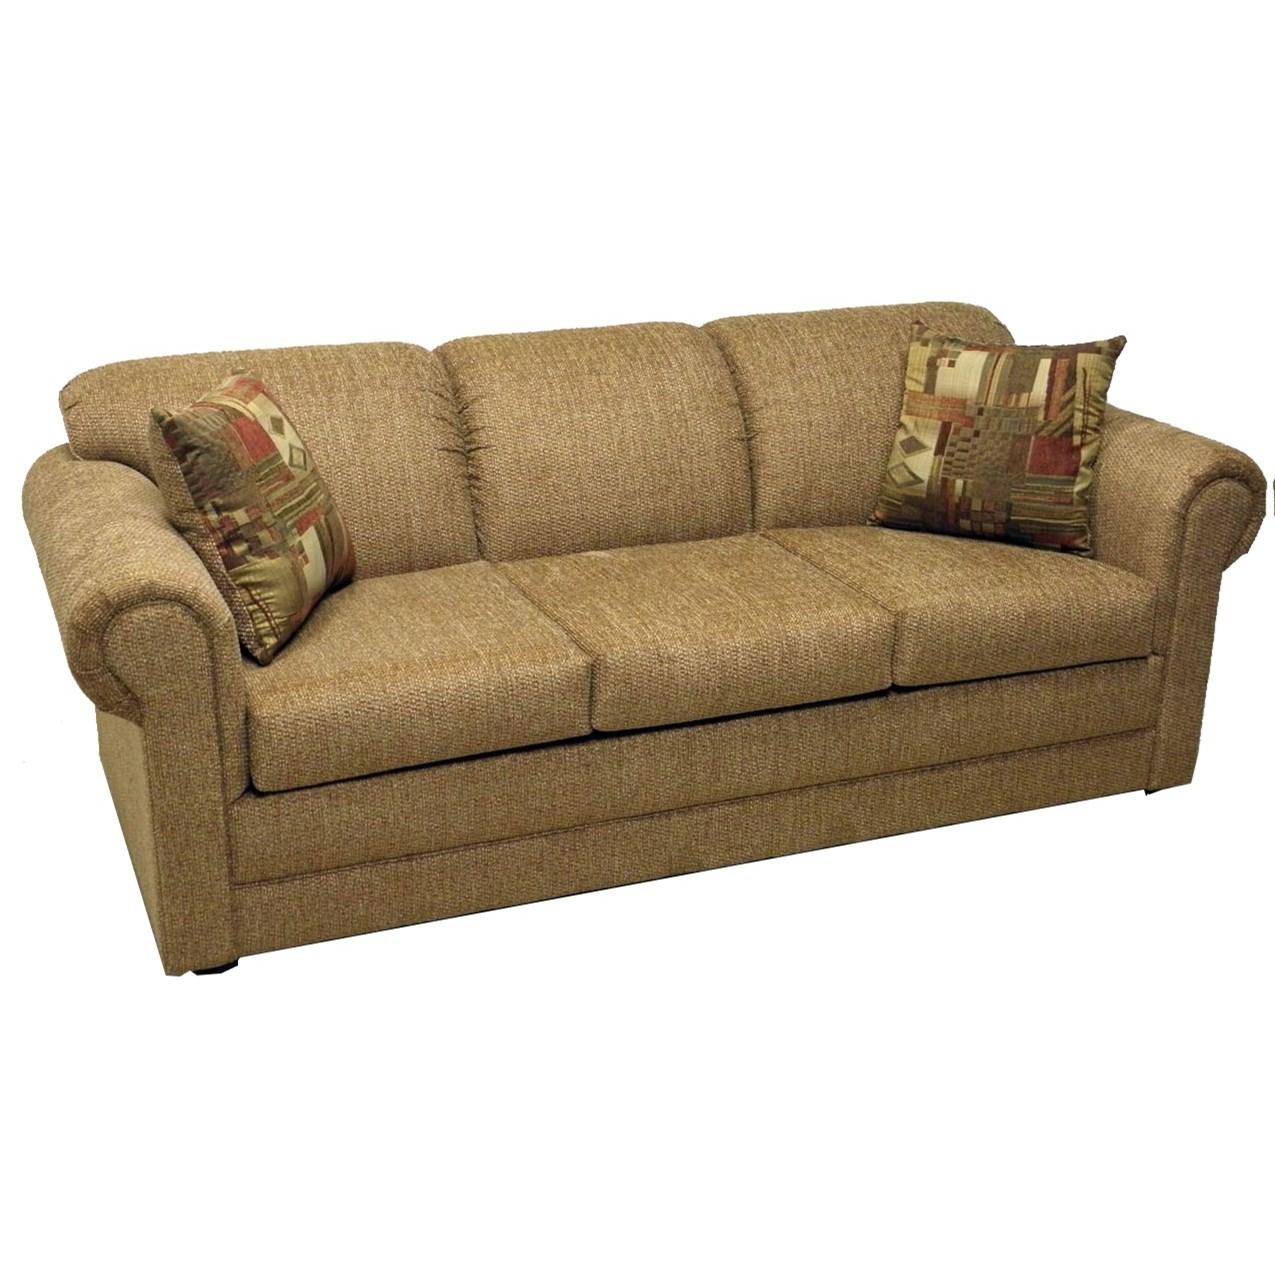 LaCrosse Hayden Queen Sofa Sleeper - Item Number: 991607A-1781-08